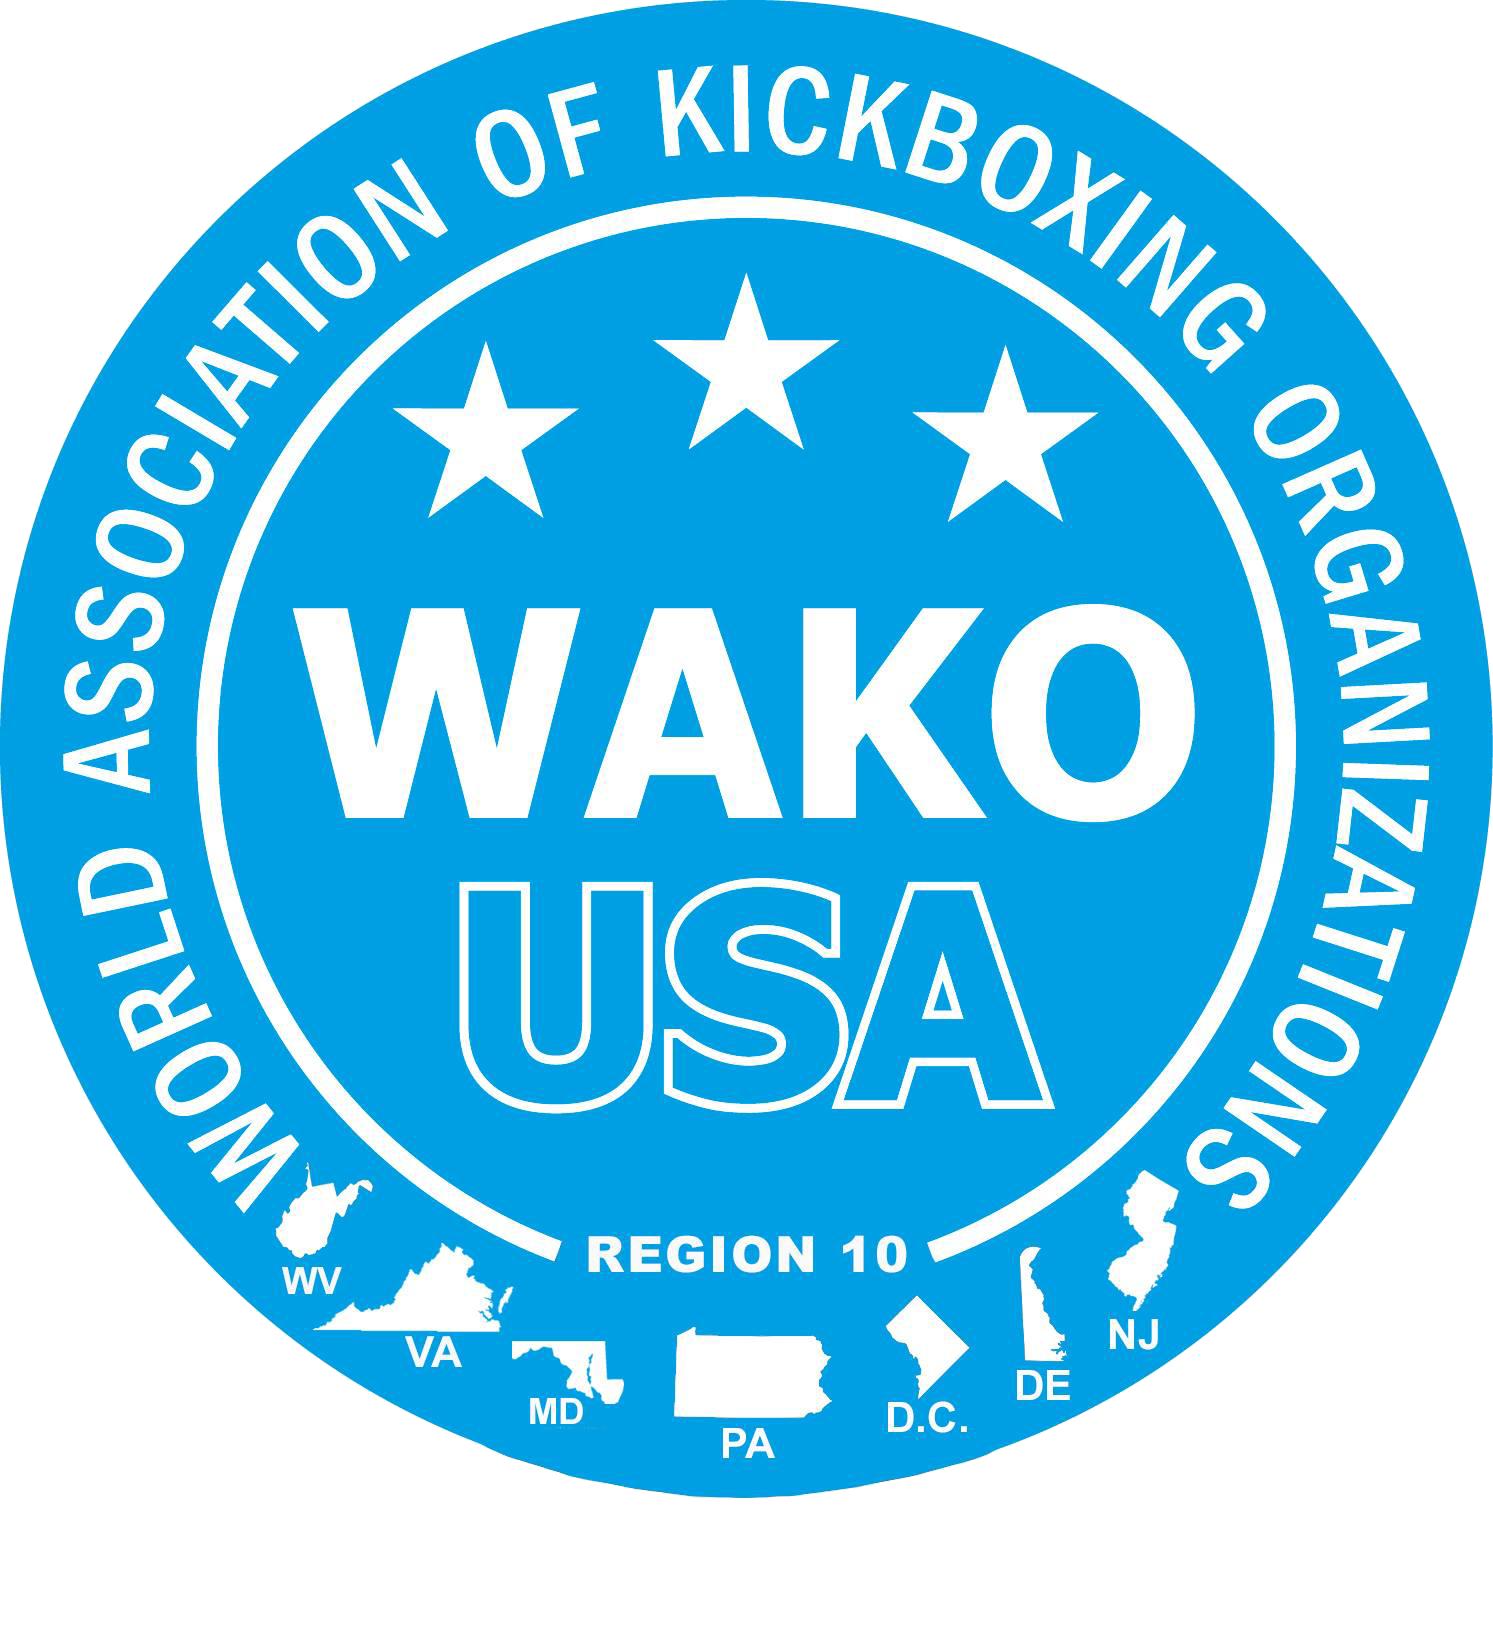 wako kickboxing PA